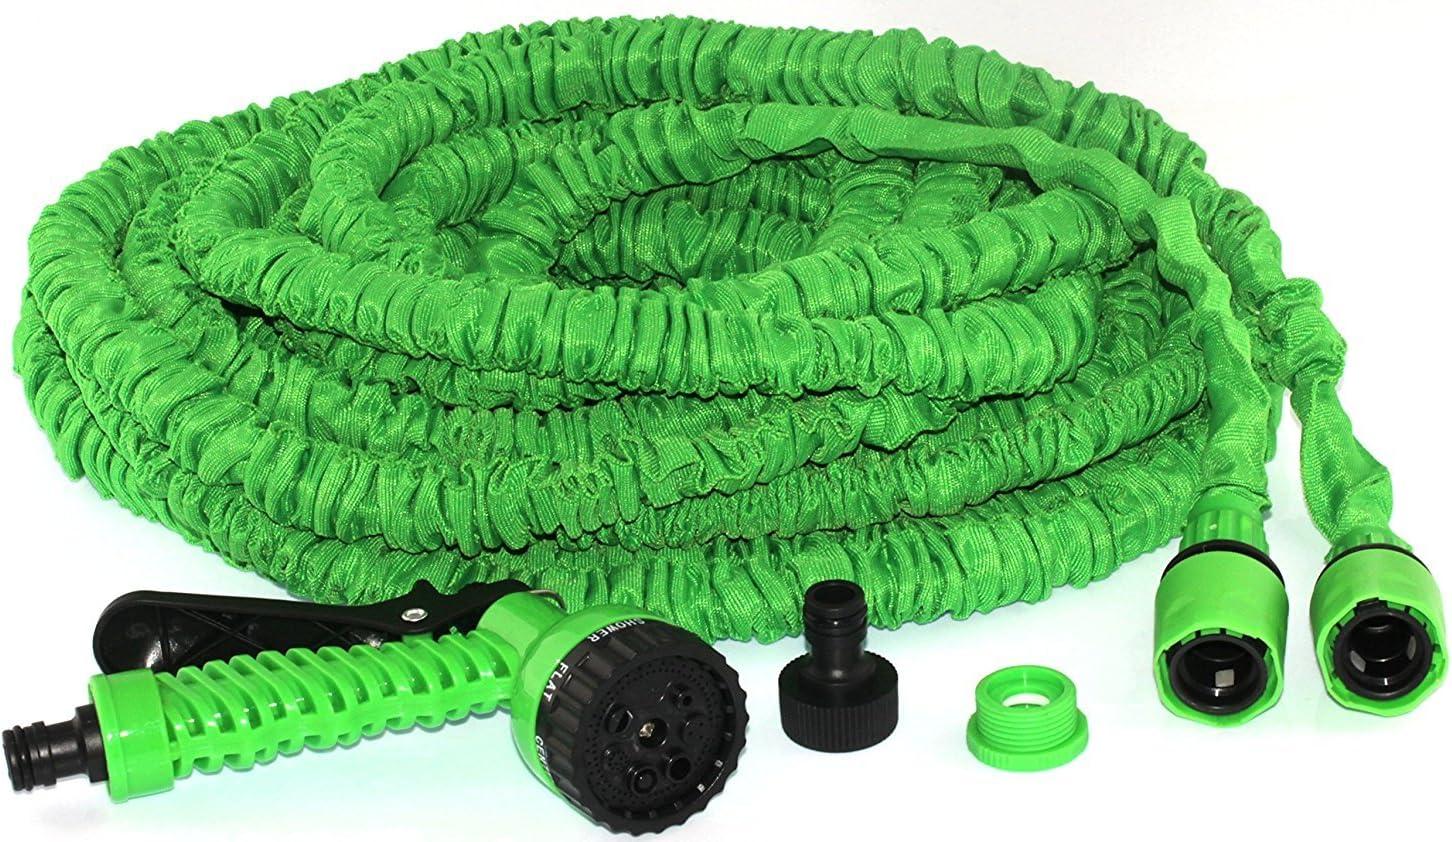 Tivoli manguera de jardín / 100ft/30m de Manguera Flexible Ampliable Jardín / Adaptadores de manguera de latón sólido / Pistola de pulverización / Color: Verde.: Amazon.es: Hogar